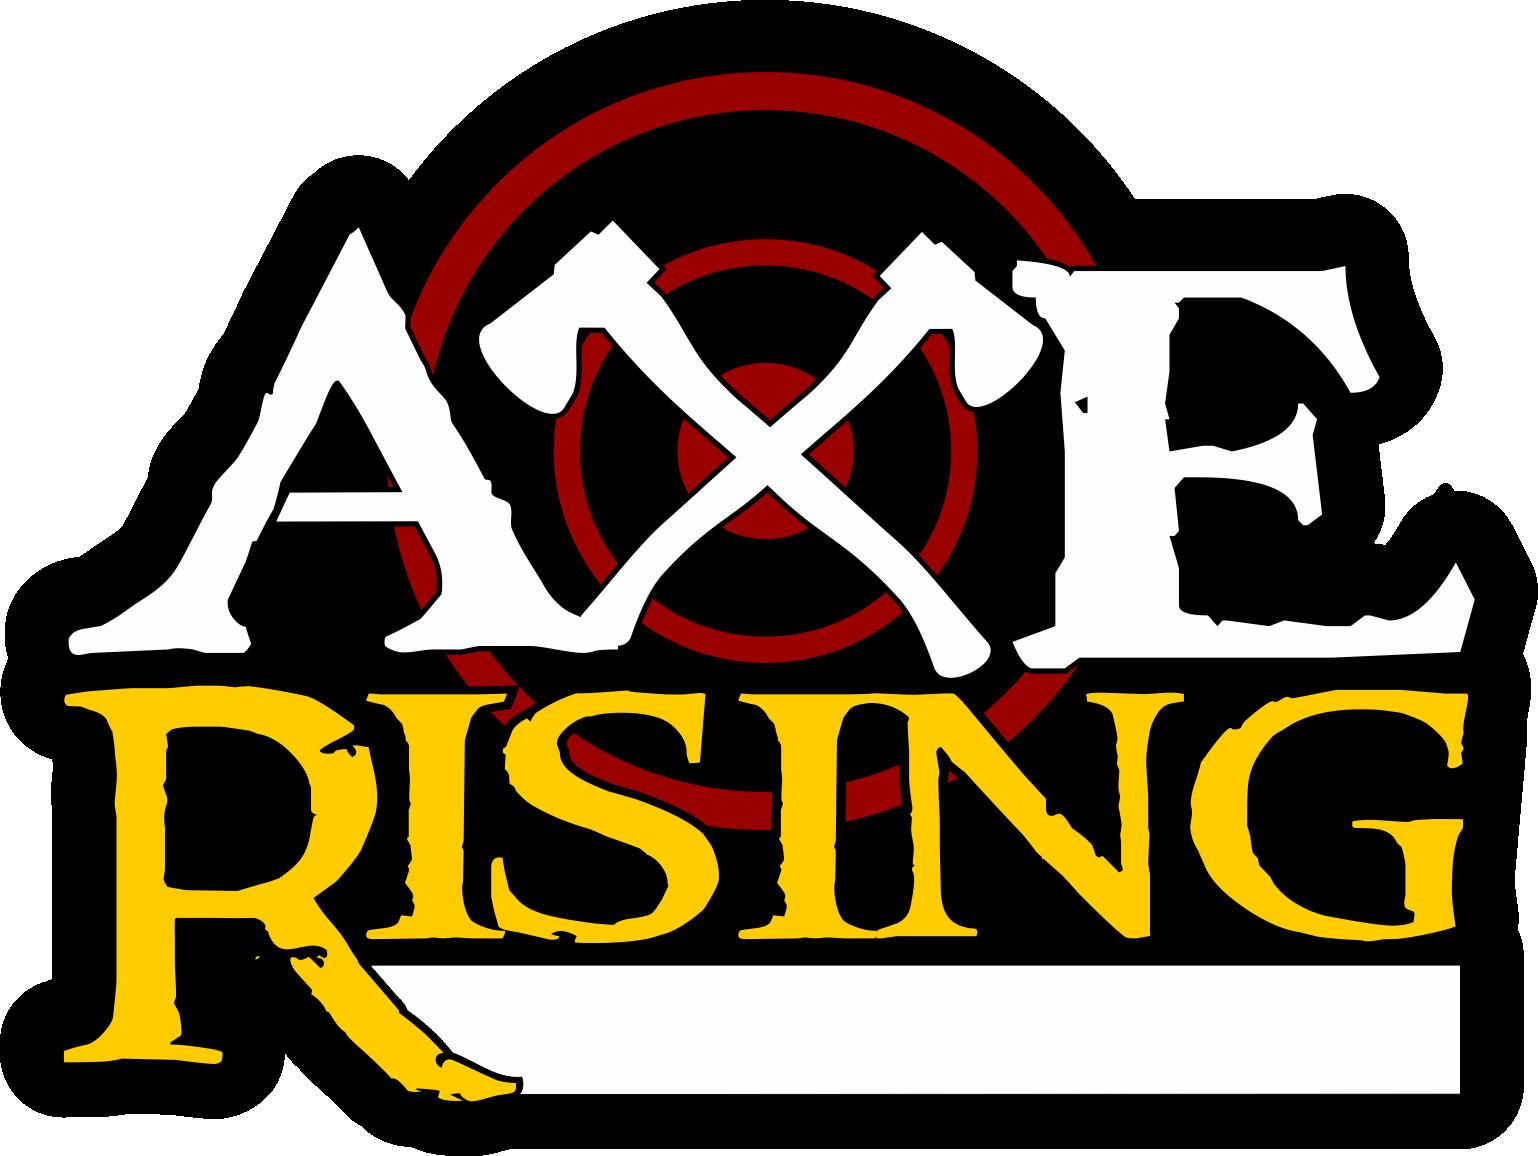 Axe Rising